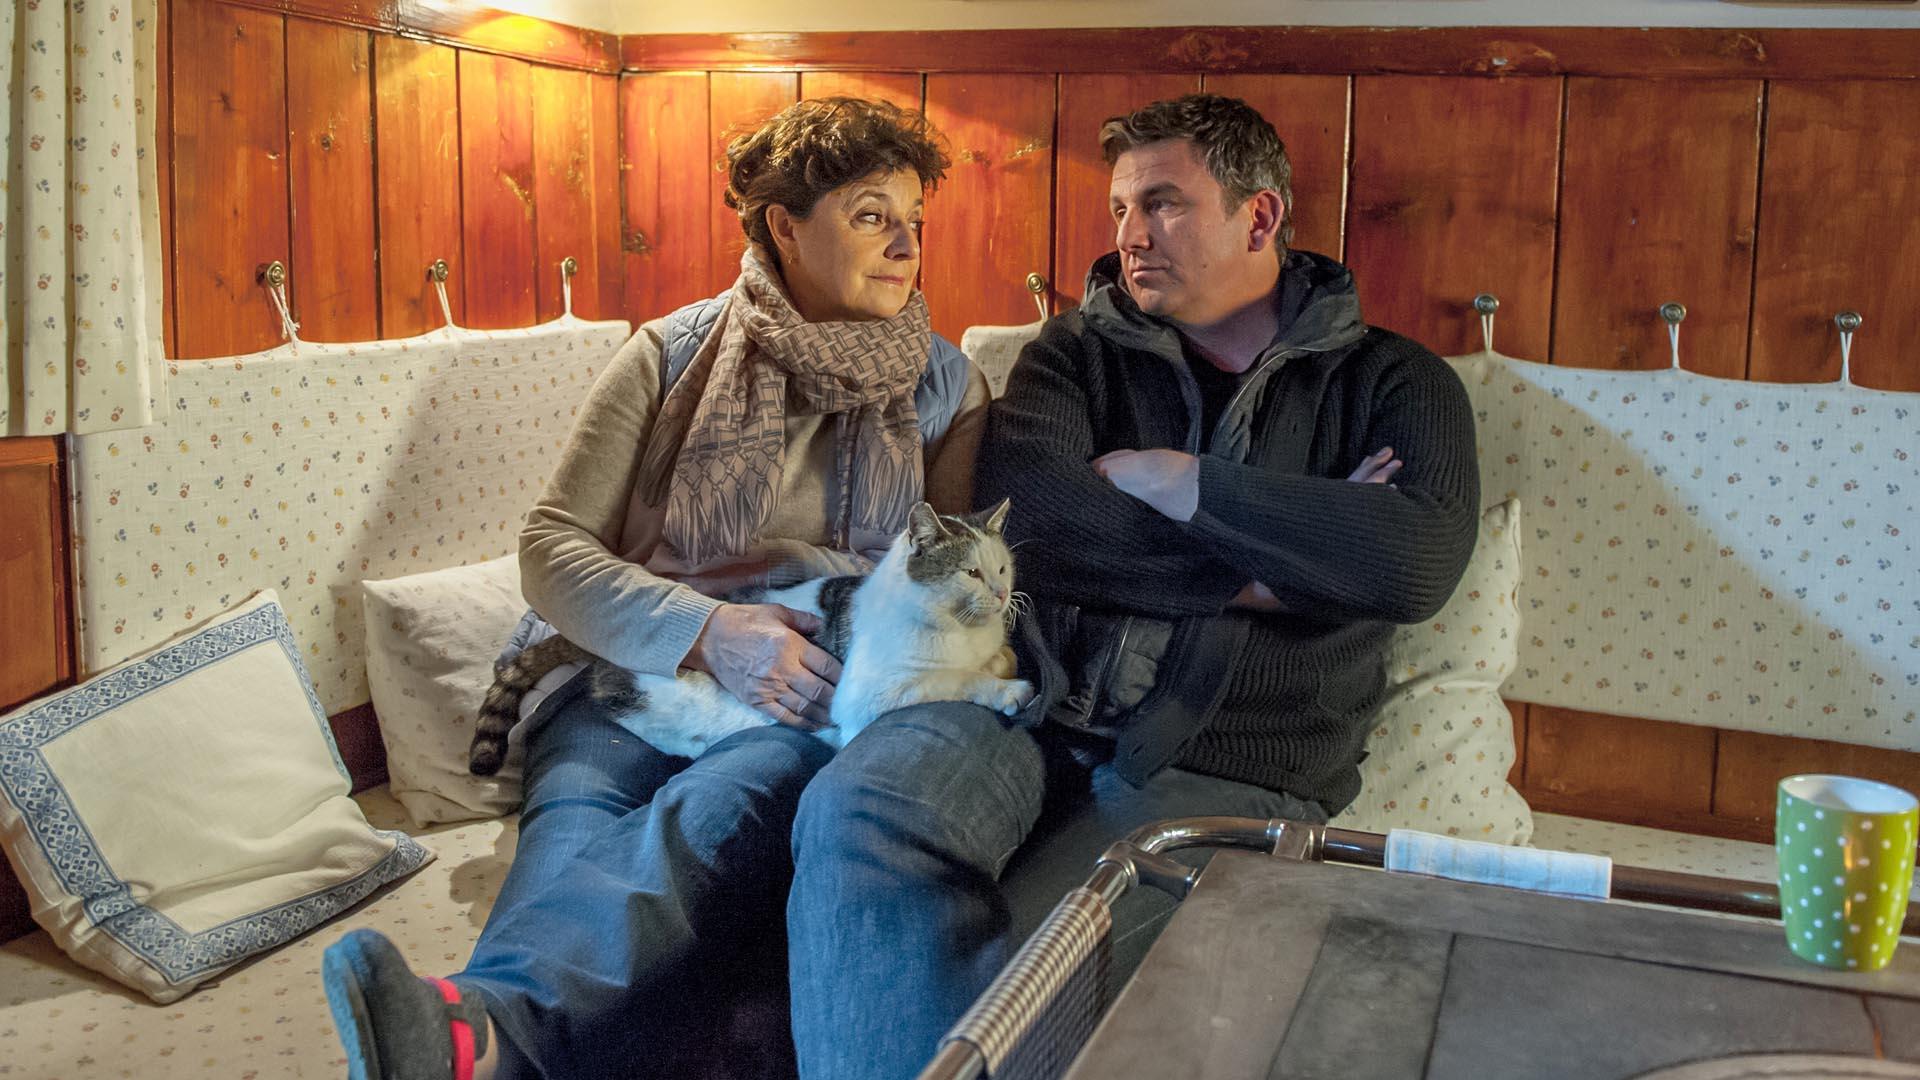 """Der nachdenkliche """"Bergdoktor"""" Martin (Hans Sigl, r.) sucht das Gespräch mit seiner Mutter Lisbeth (Monika Baumgartner, l.)"""